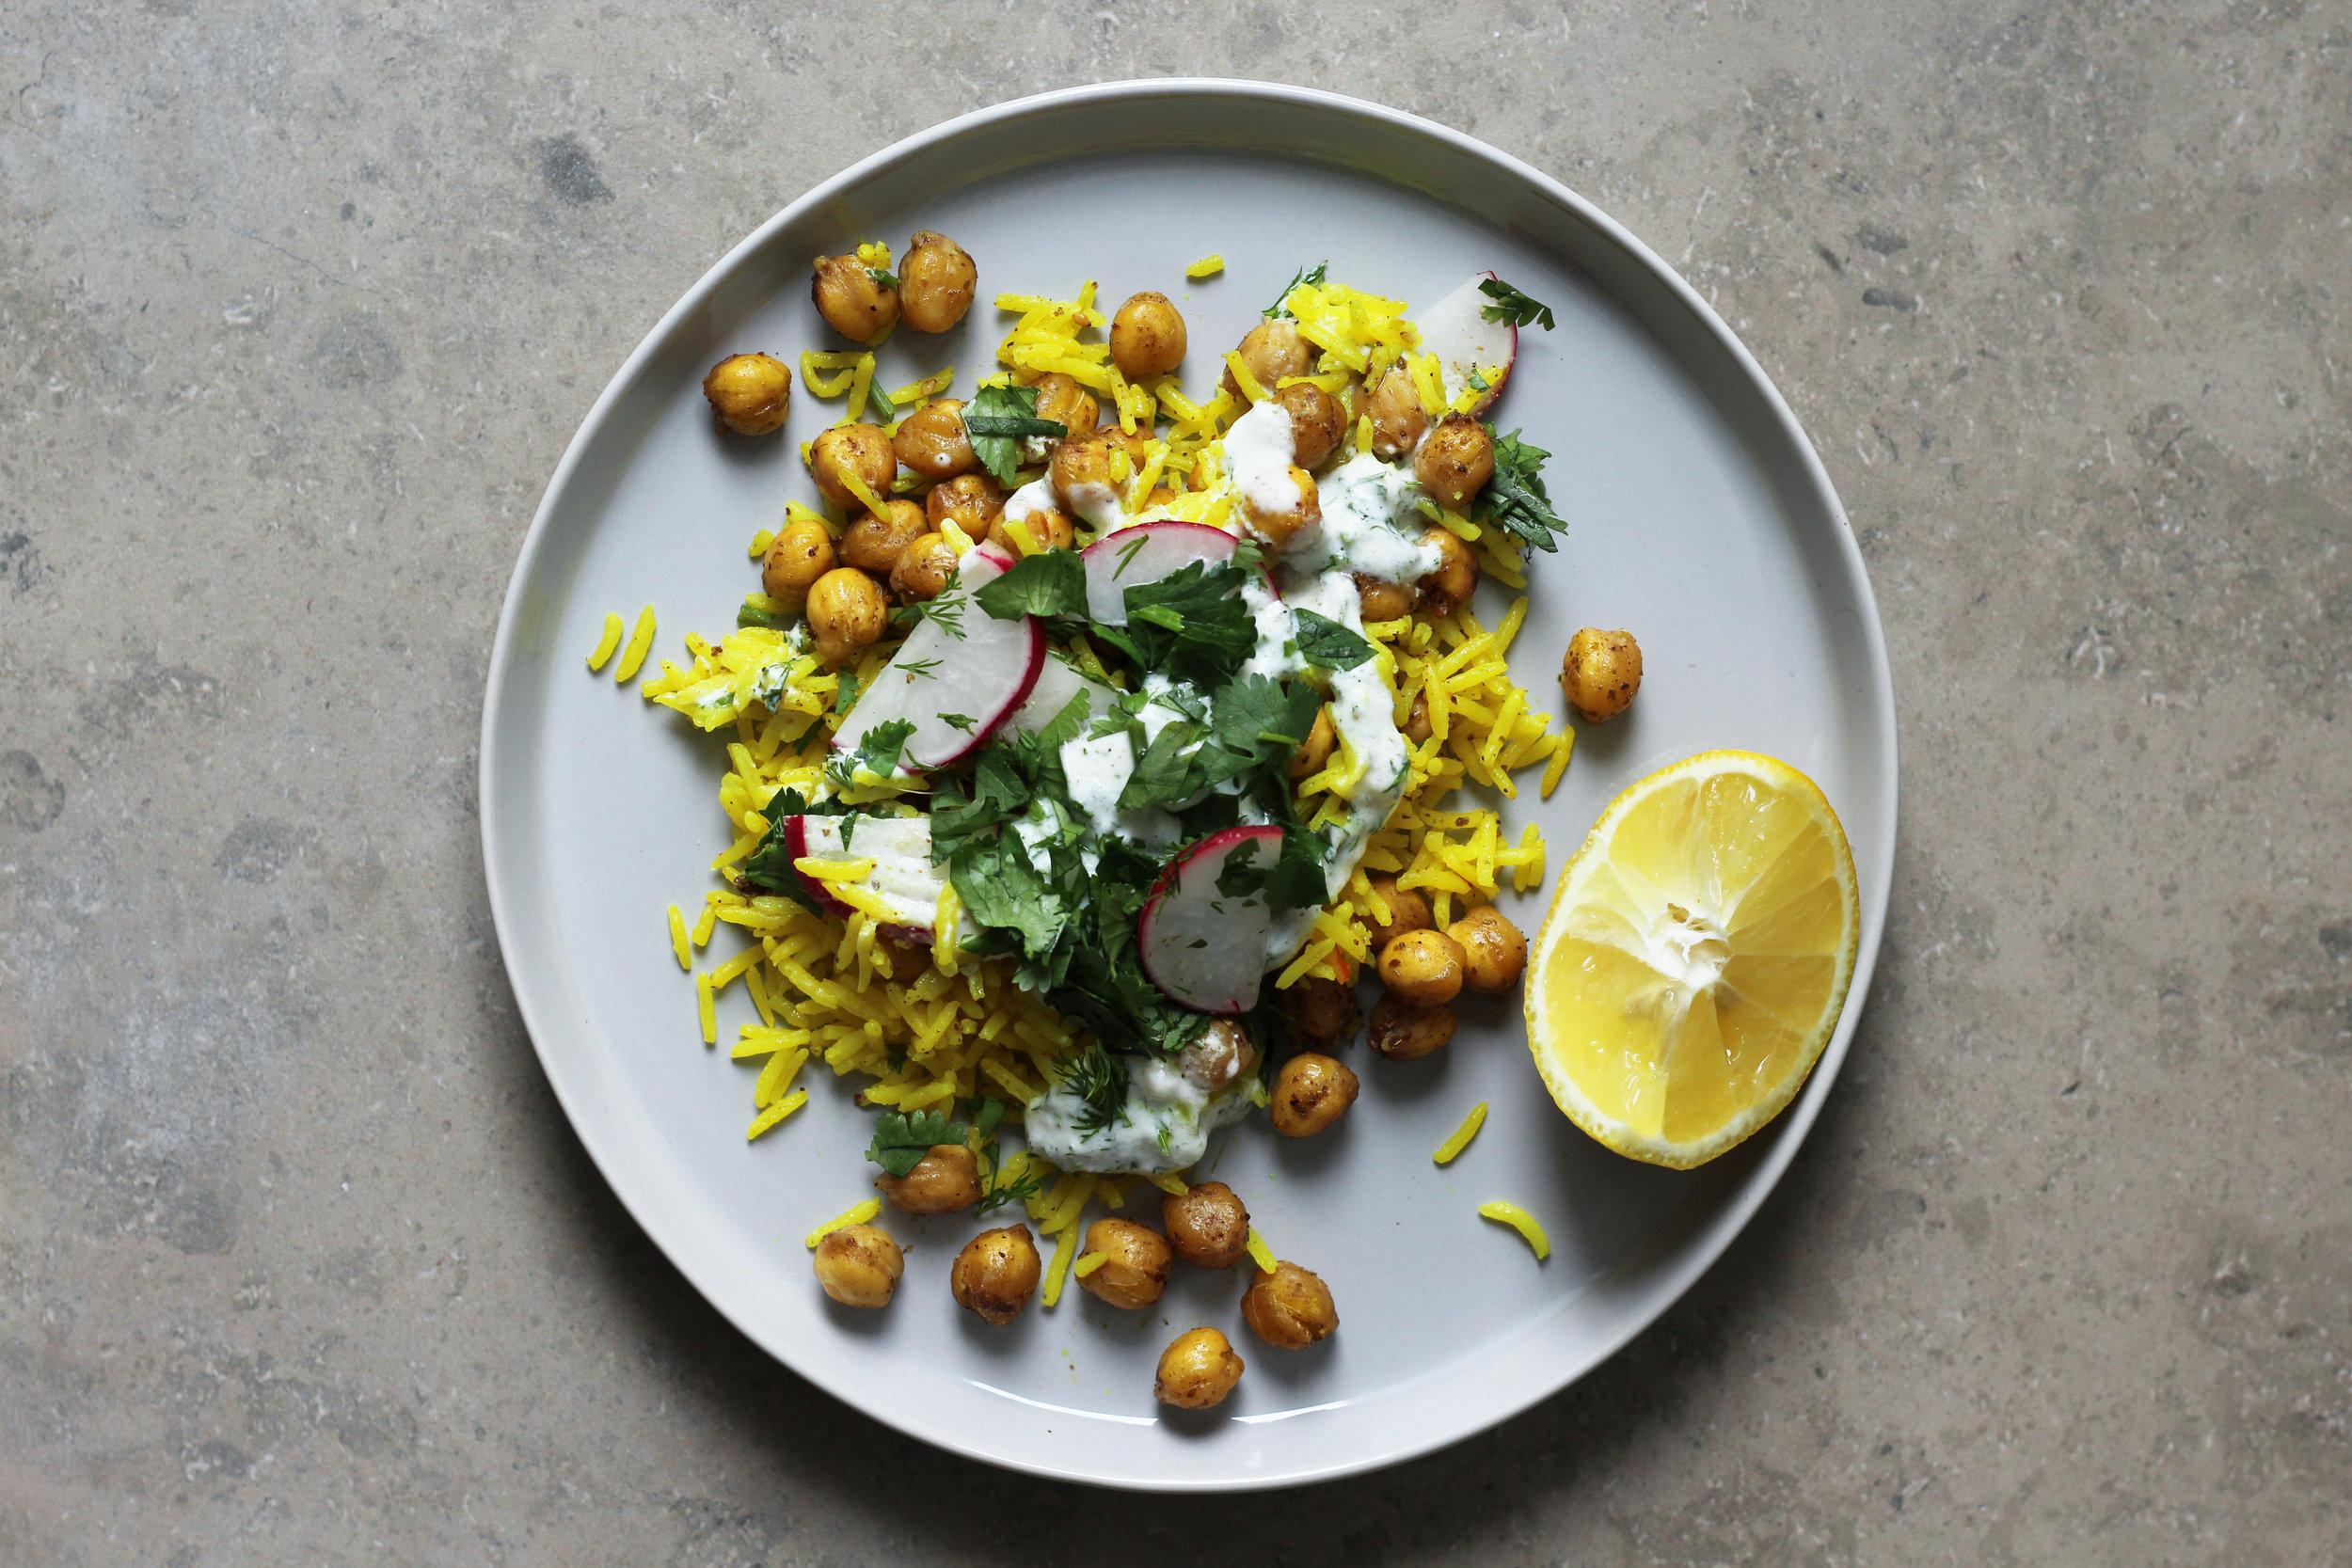 chickpeas & rice with jajik